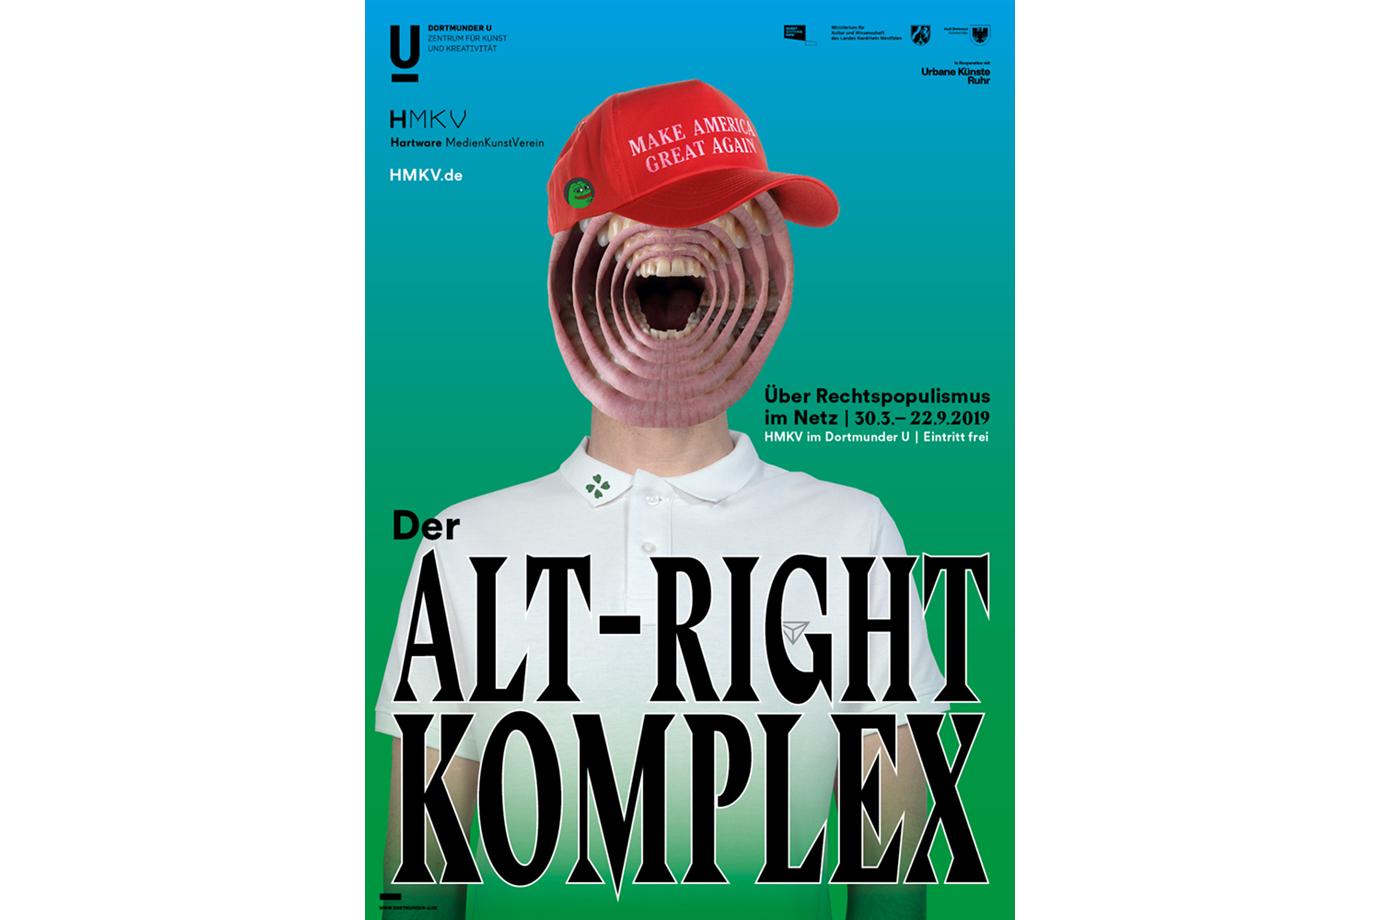 http://e-o-t.de/wordpress/wp-content/uploads/2019/04/2019_eot-ARK-Plakat2.jpg